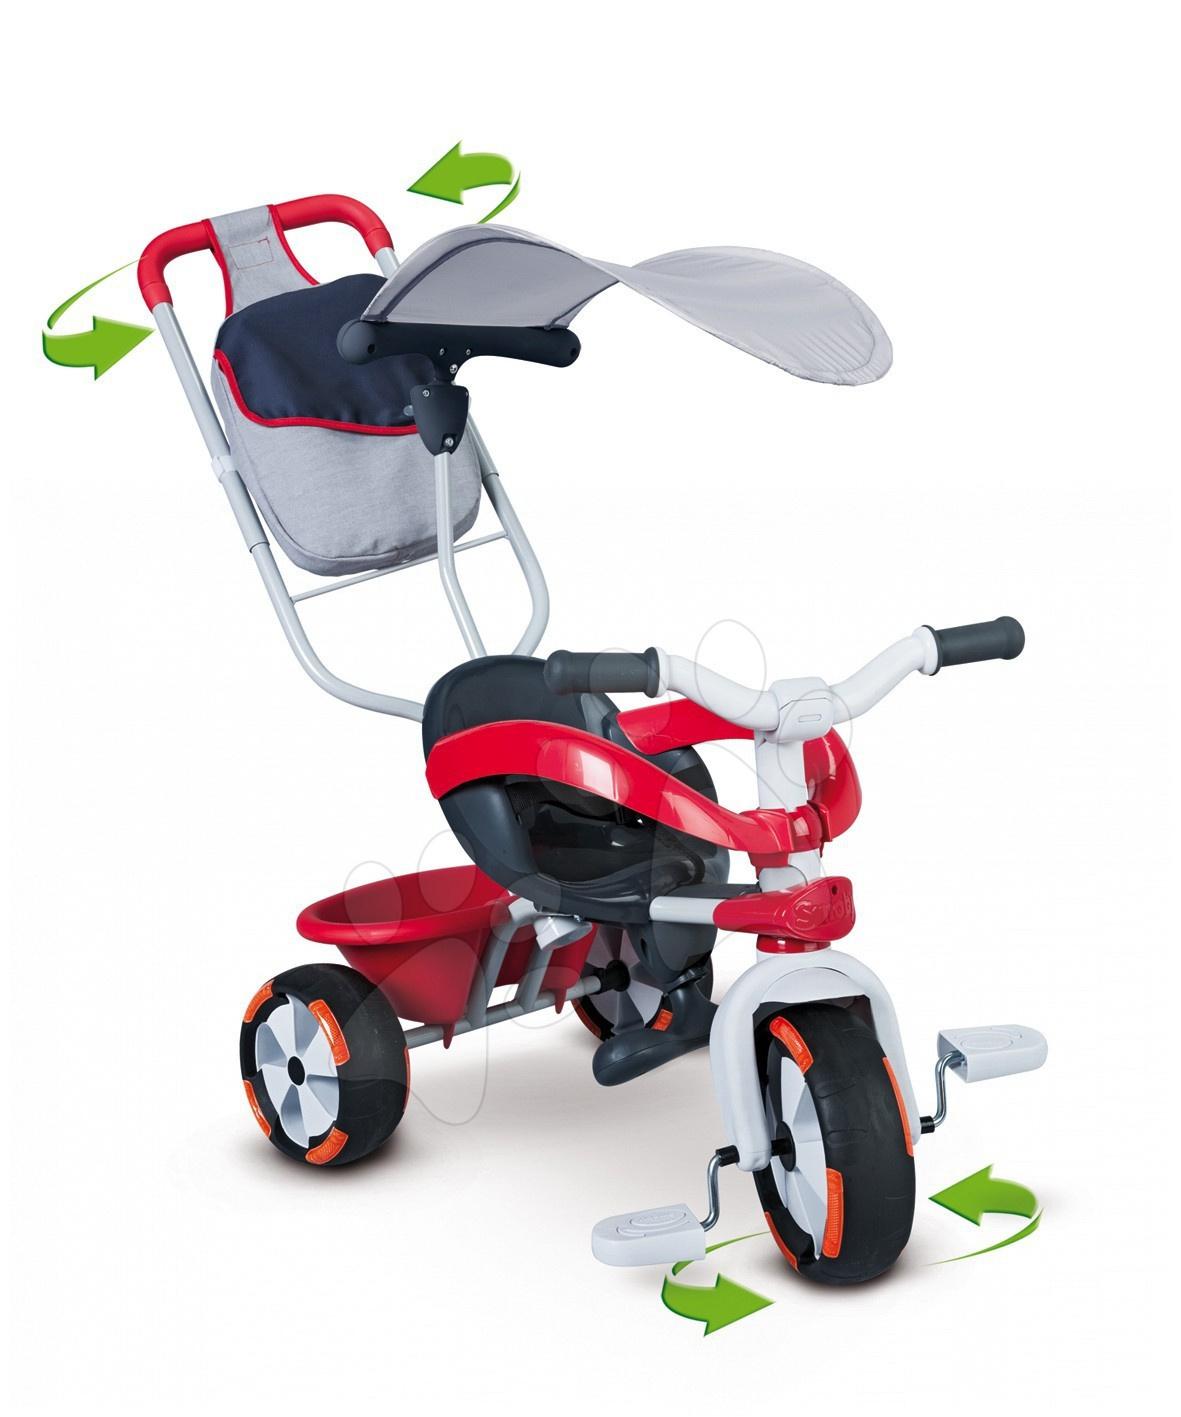 Tříkolka Baby Driver Confort SPORT Smoby červená, vodicí tyč od 10 měsíců